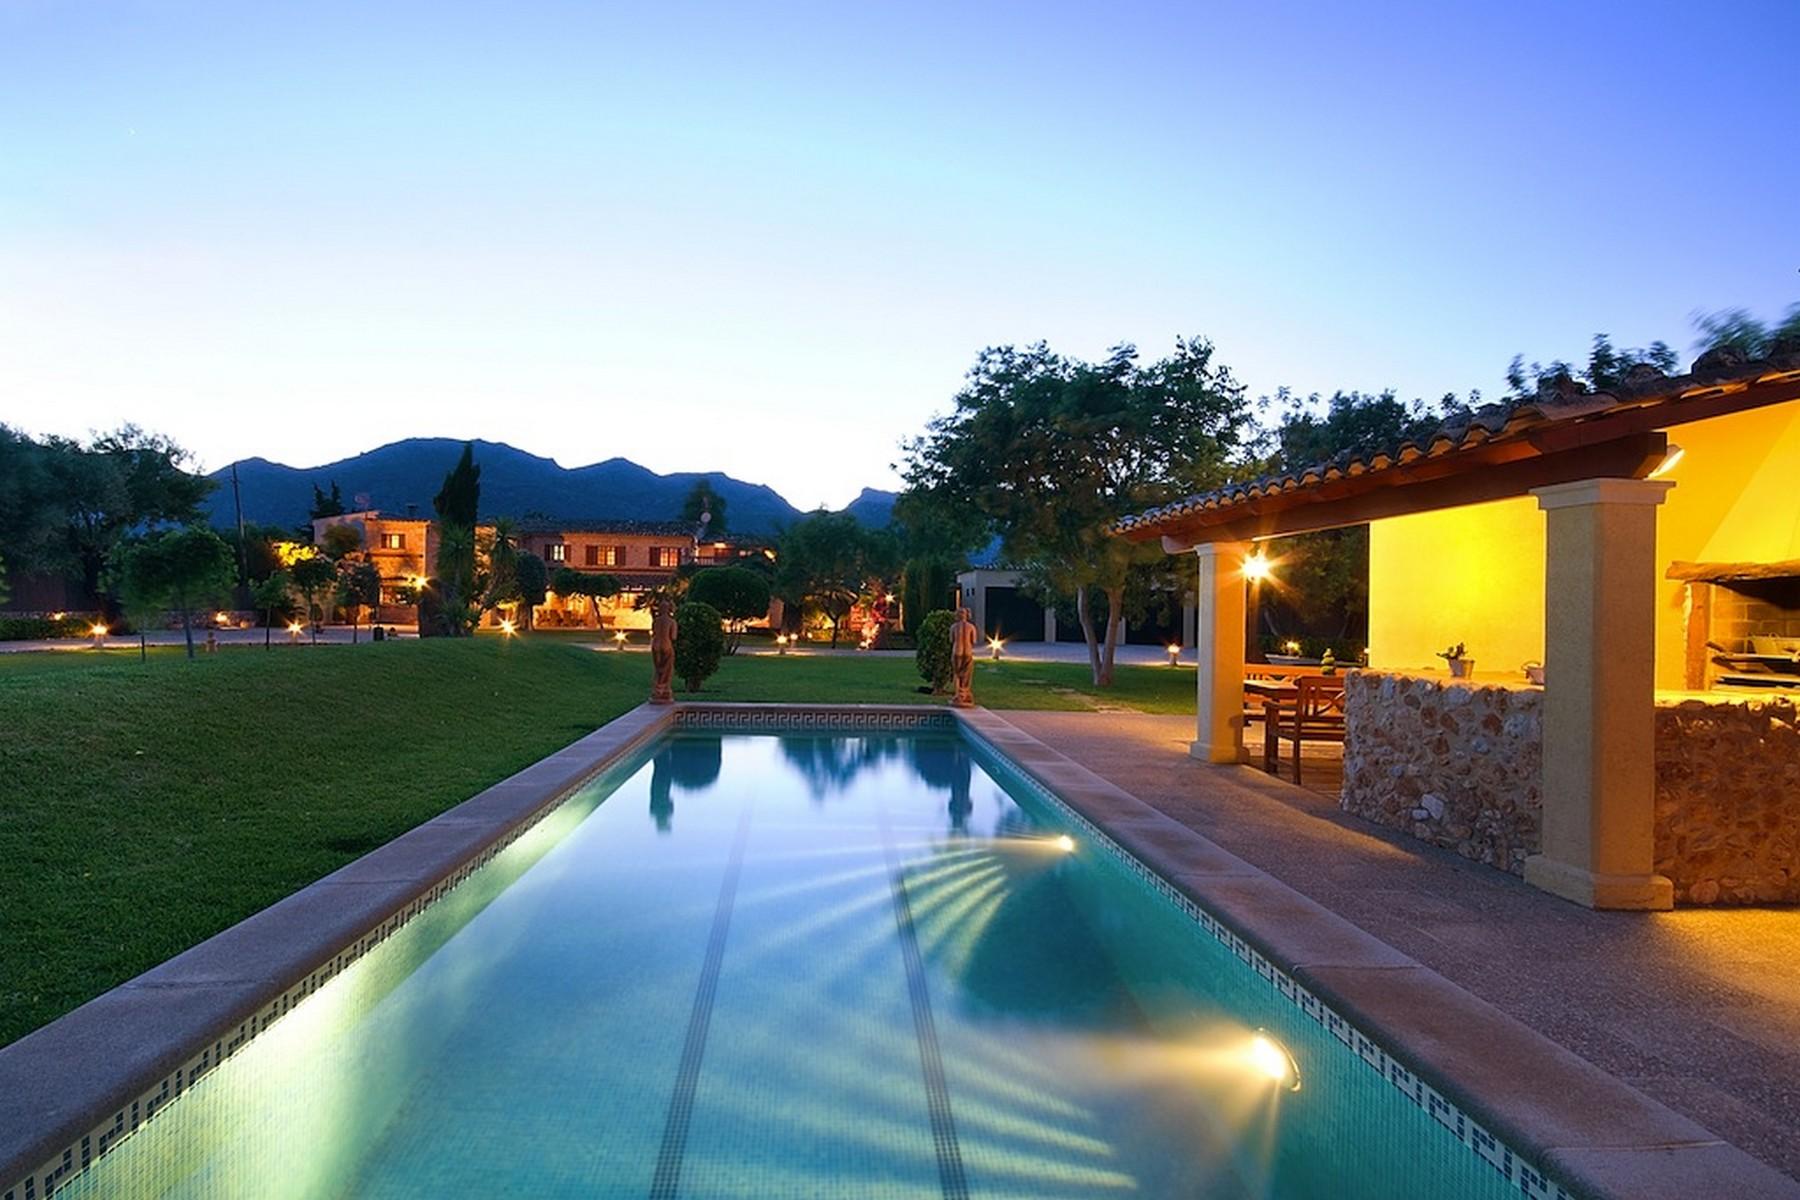 Single Family Home for Sale at Majorcan villa in Pollensa Pollensa, Mallorca, 07157 Spain